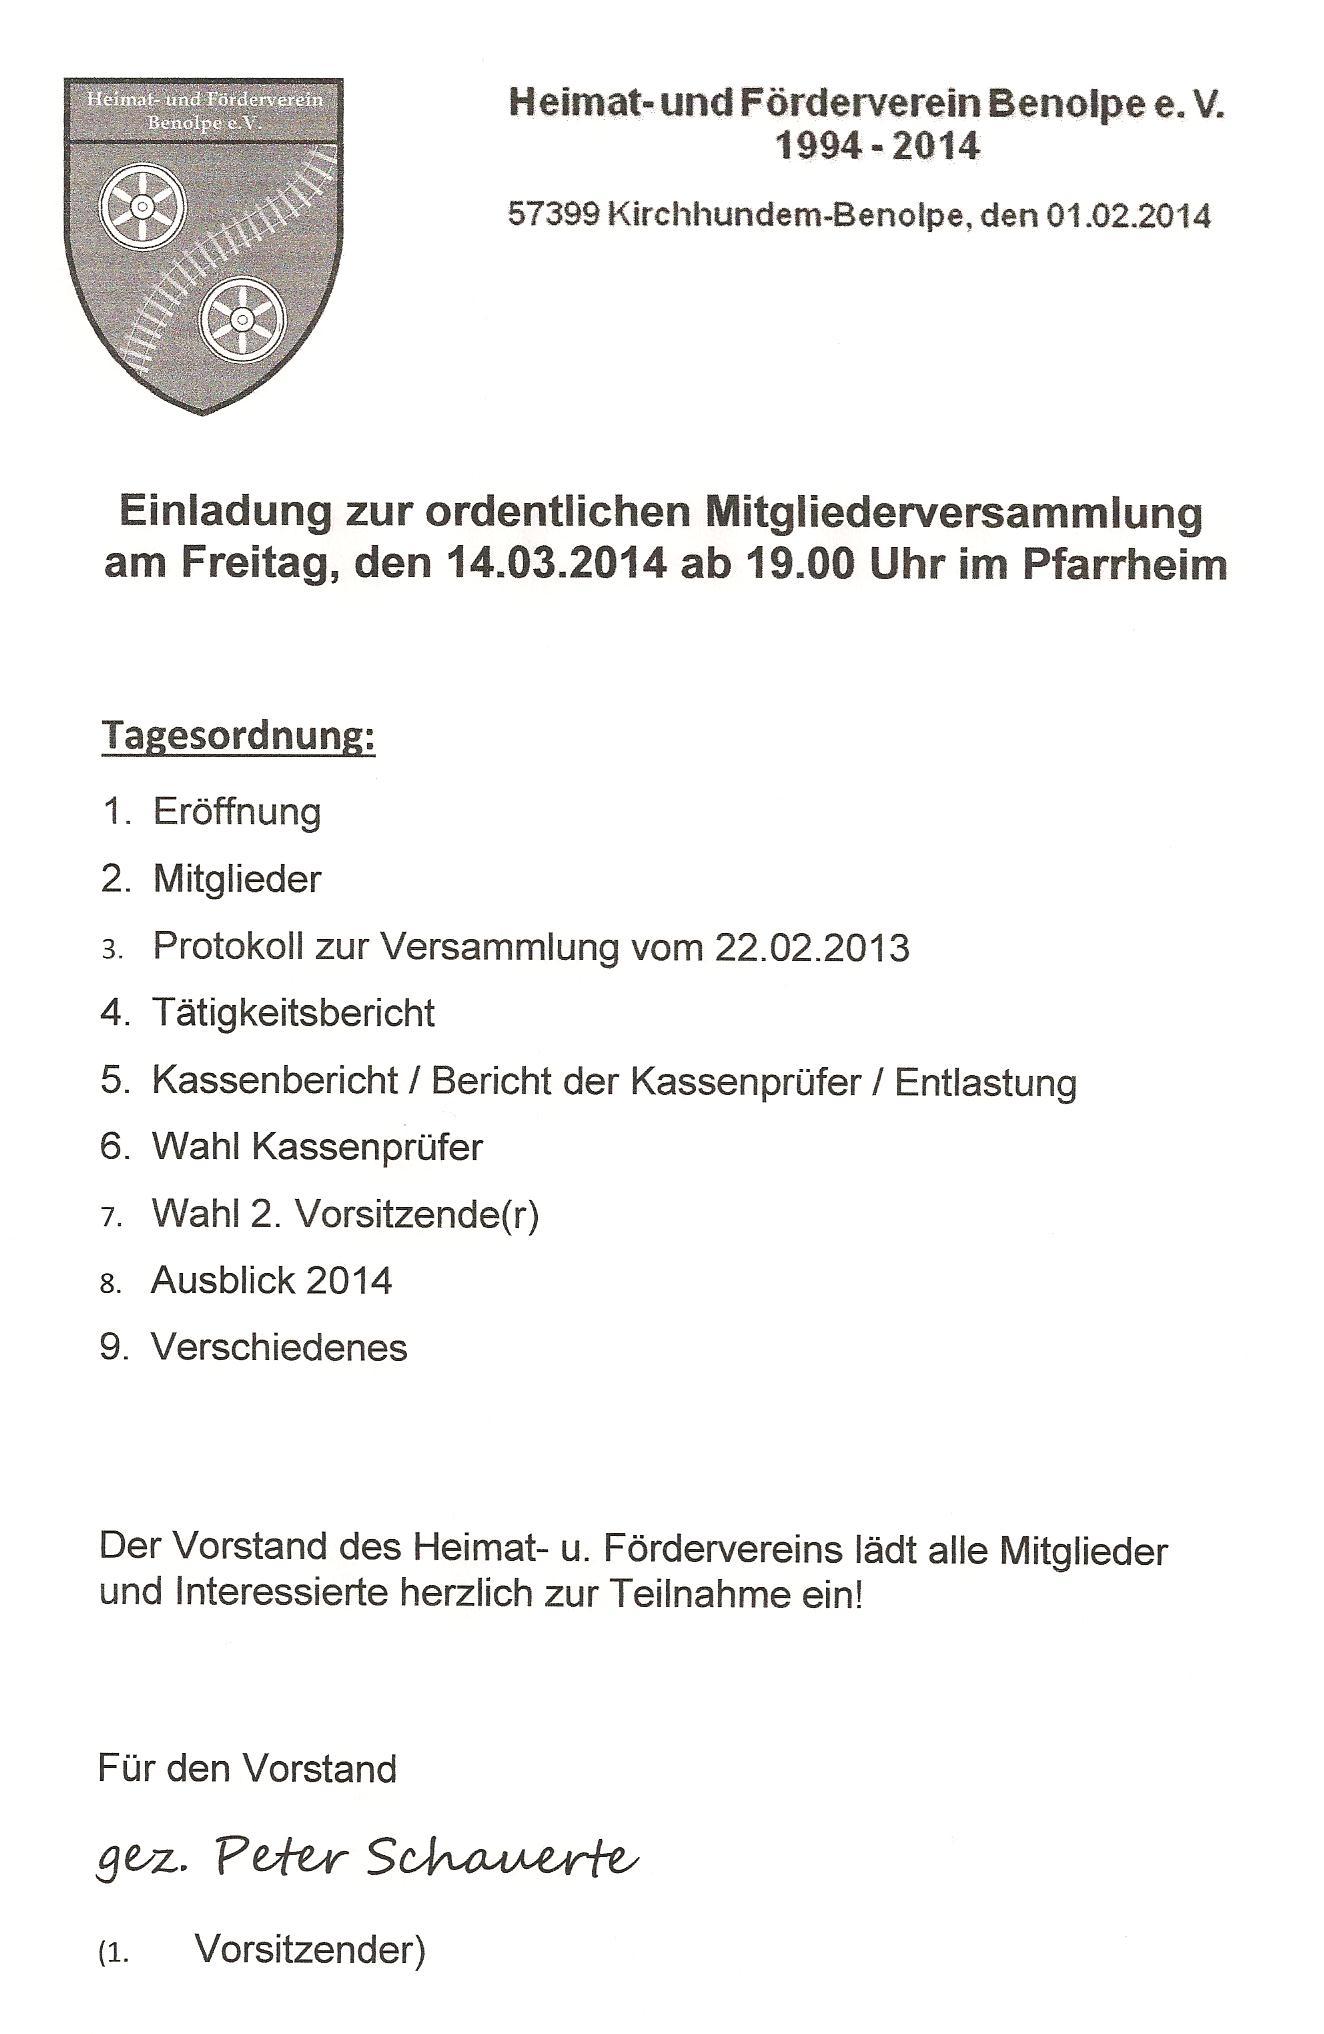 heimat- und förderverein | benolpe.de, Einladung